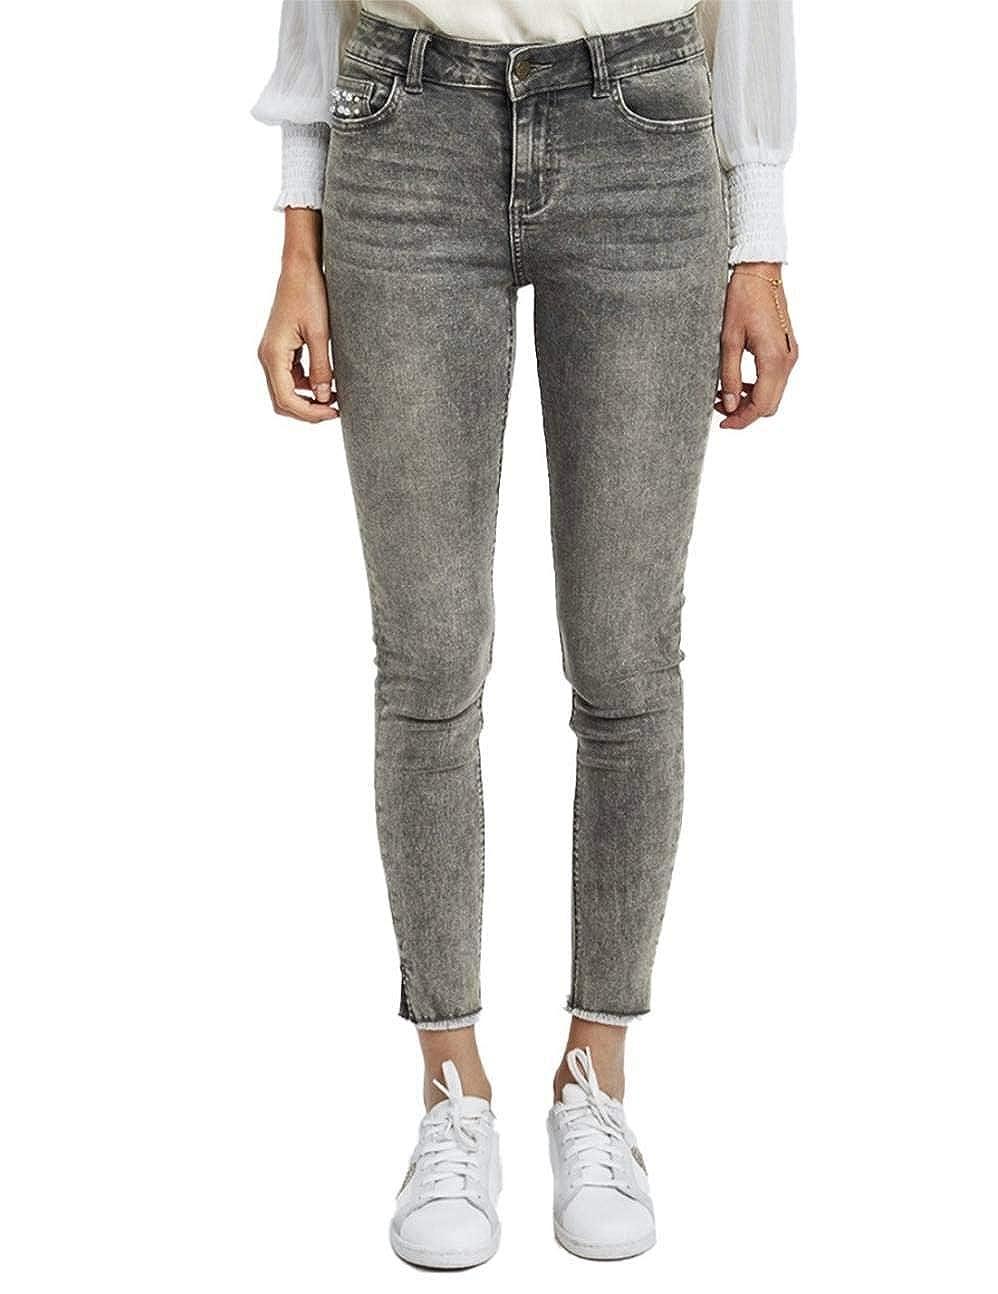 Jeans LHNP30J da Donna Naf Naf